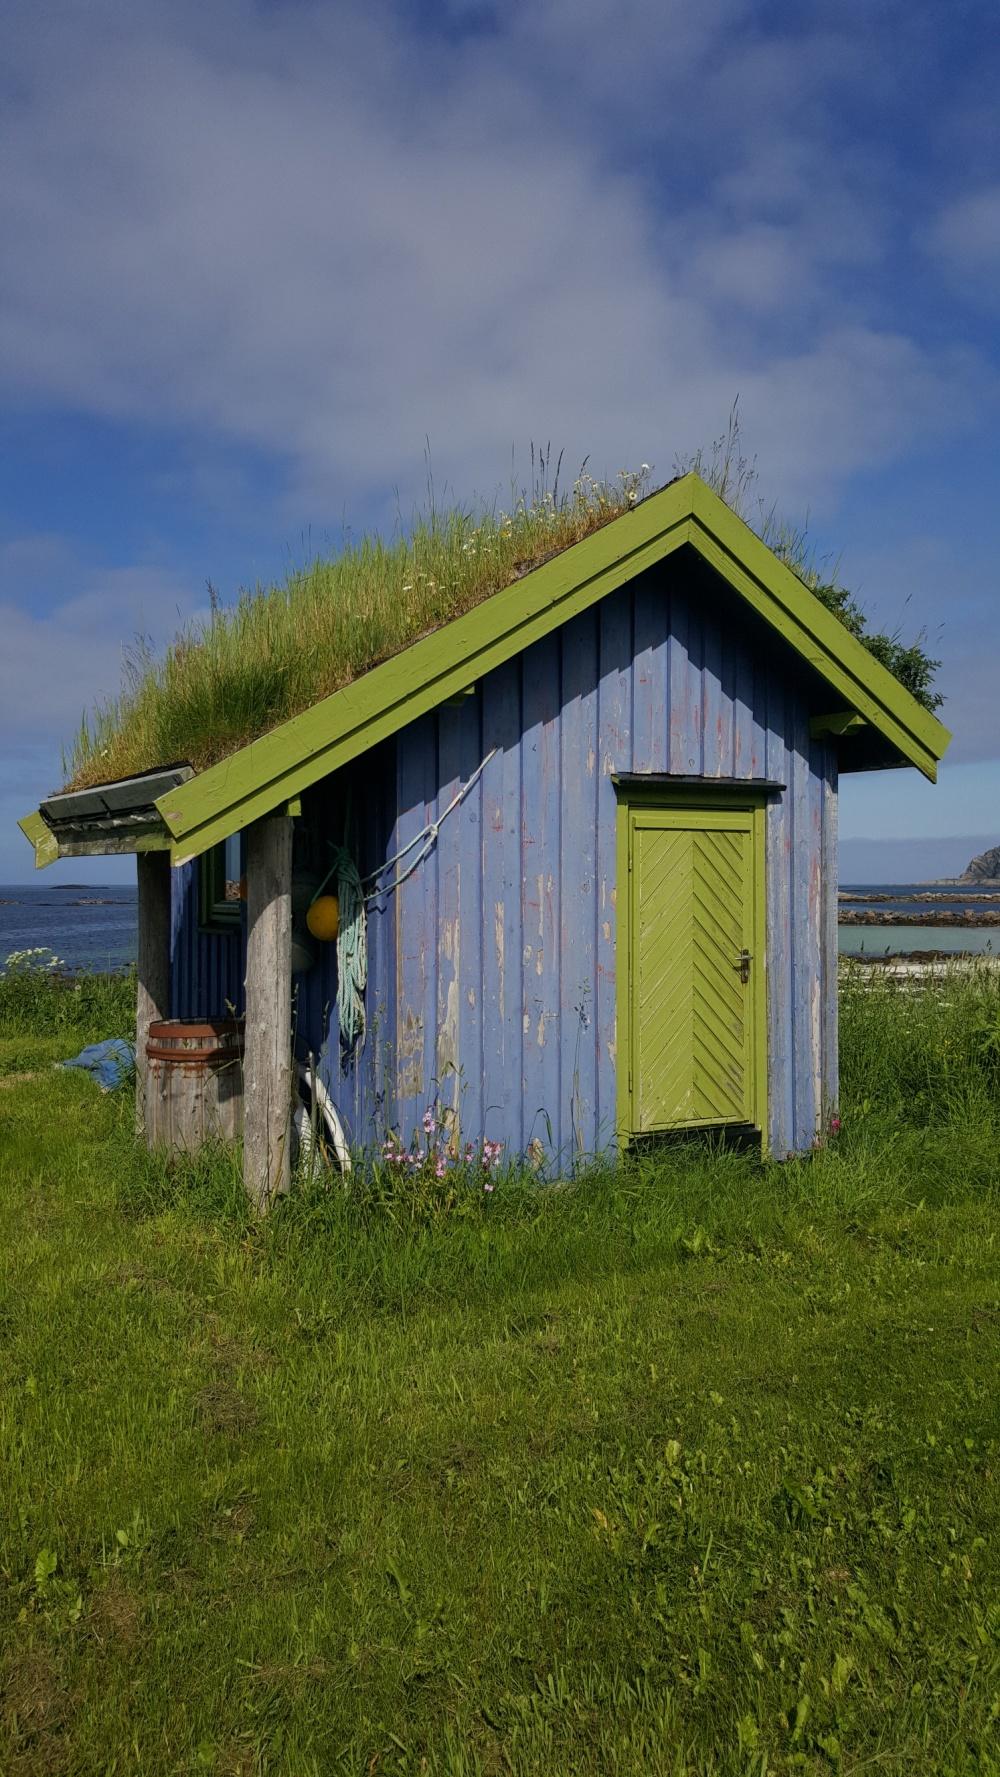 La petite maison au toit en herbe